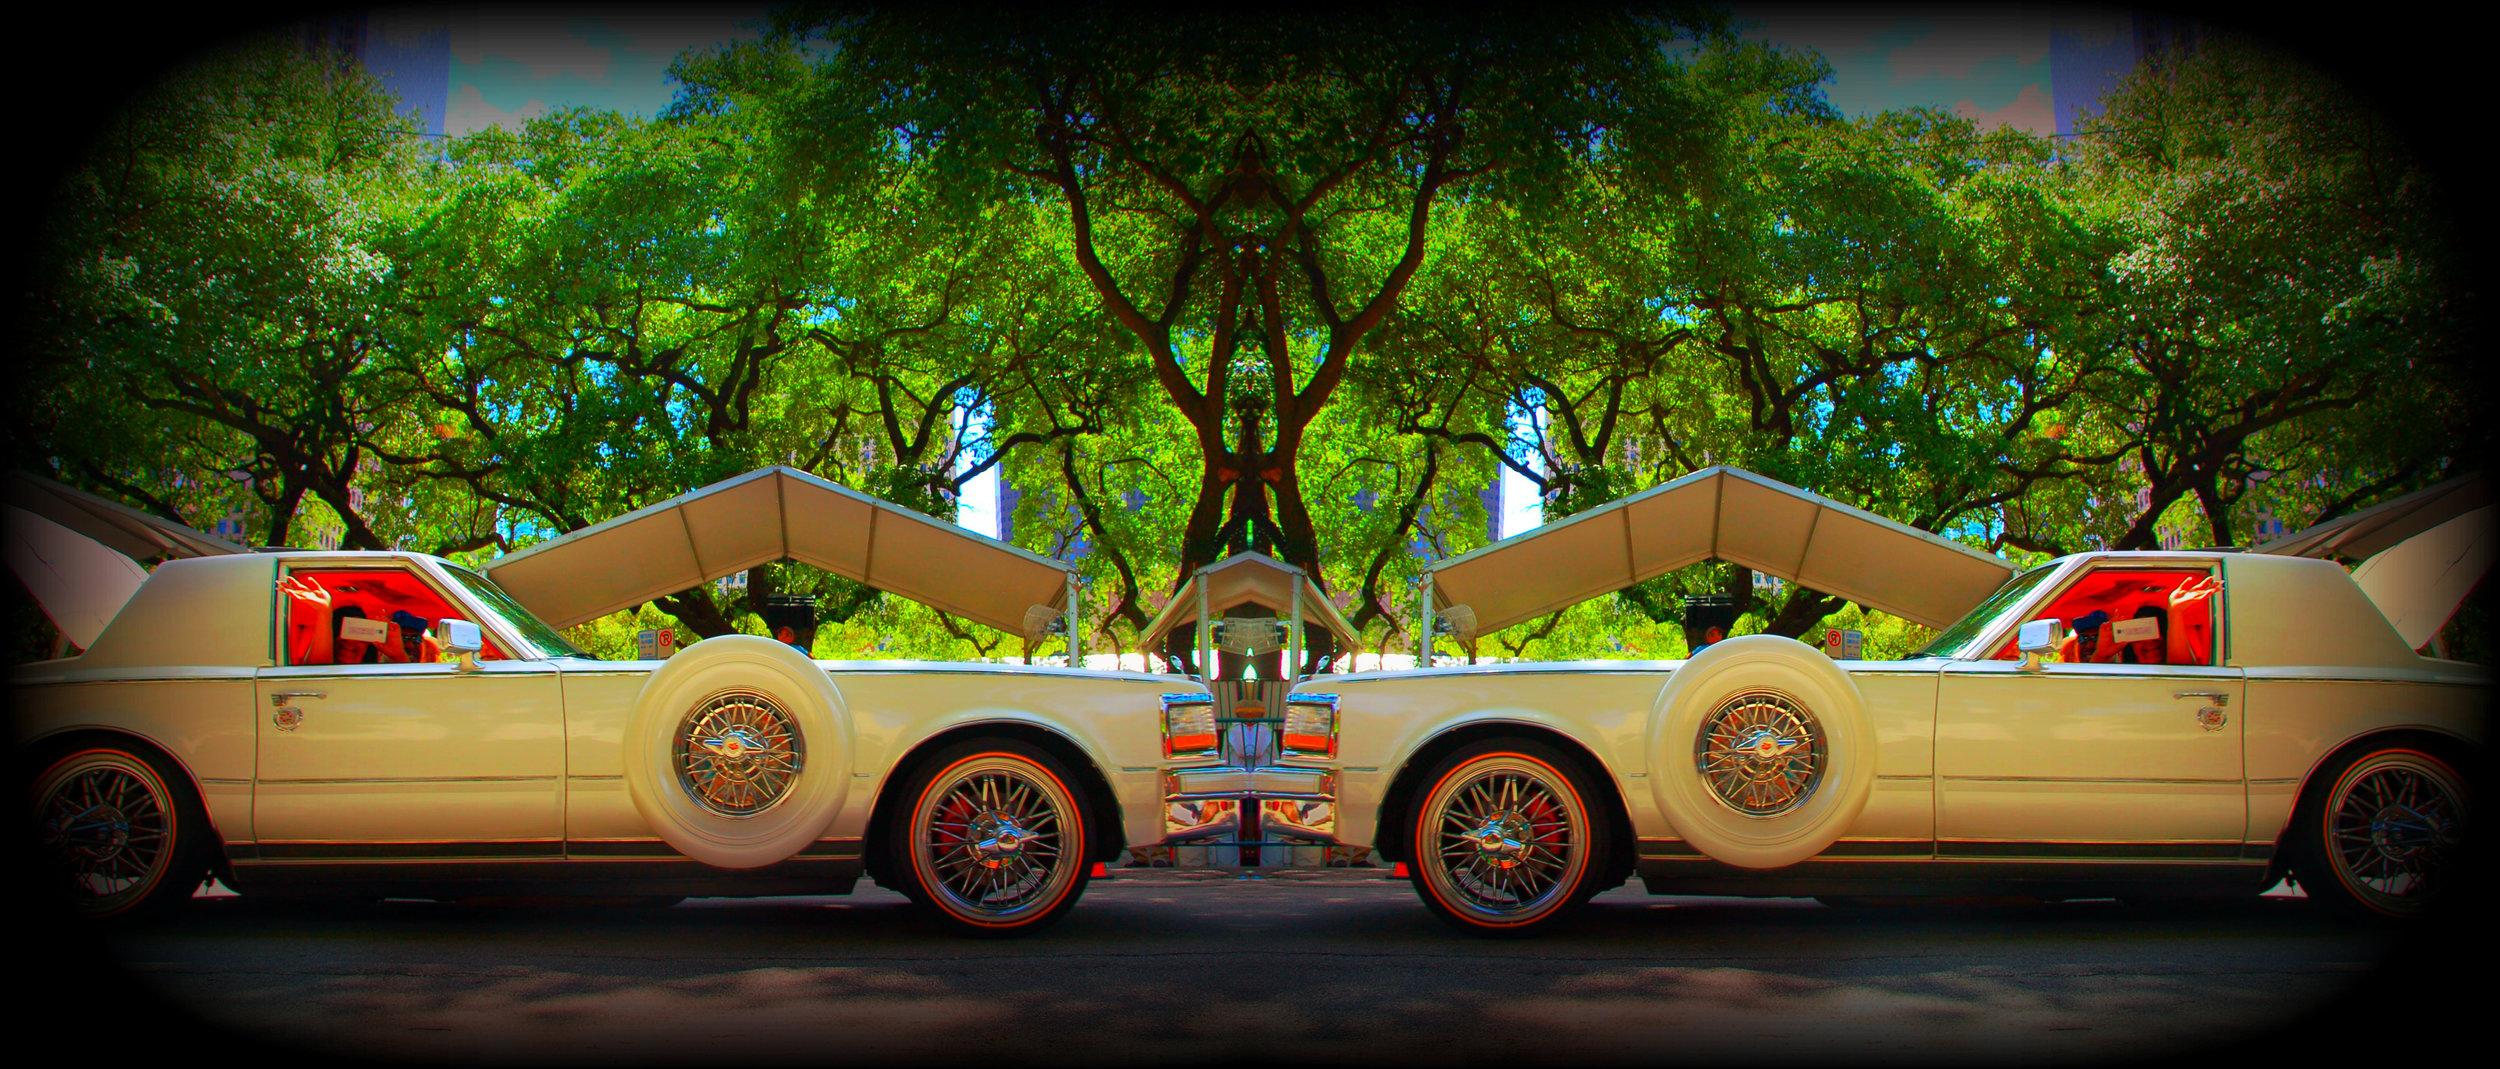 KEVON-HYDRO CAR.jpg